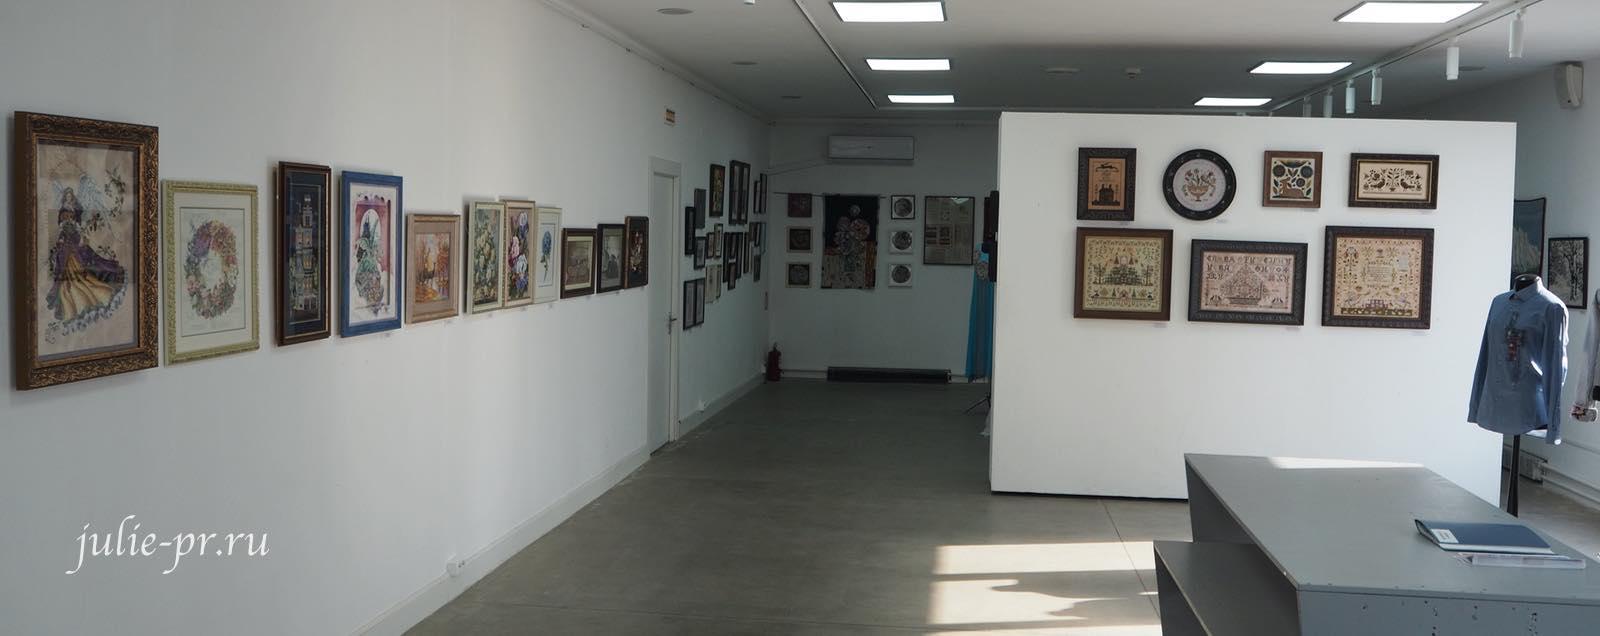 Выставка вышивок, вышивка крестом, выставка, солнцево